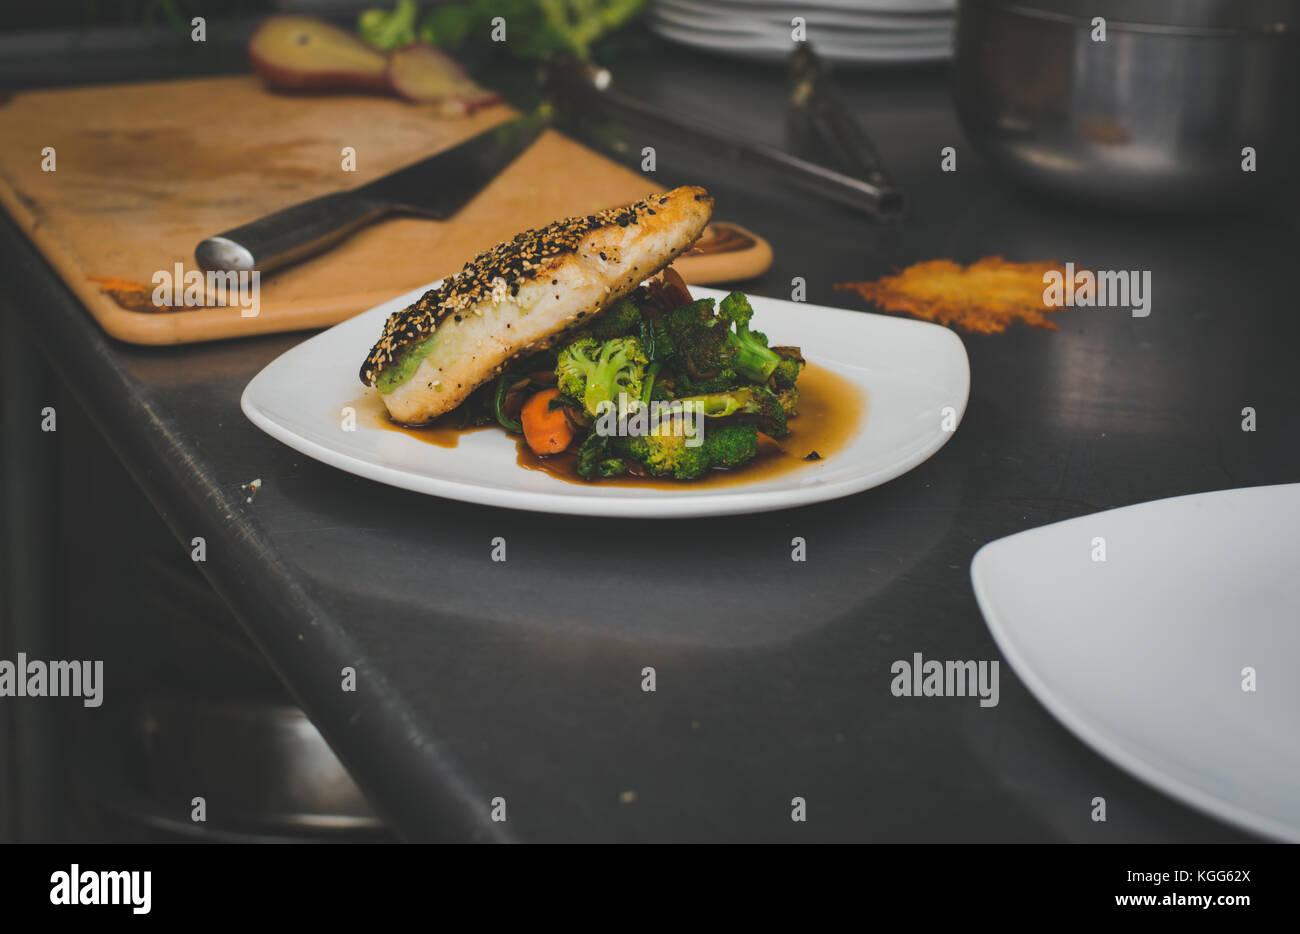 Salmone e verdure preparati in un ristorante Immagini Stock